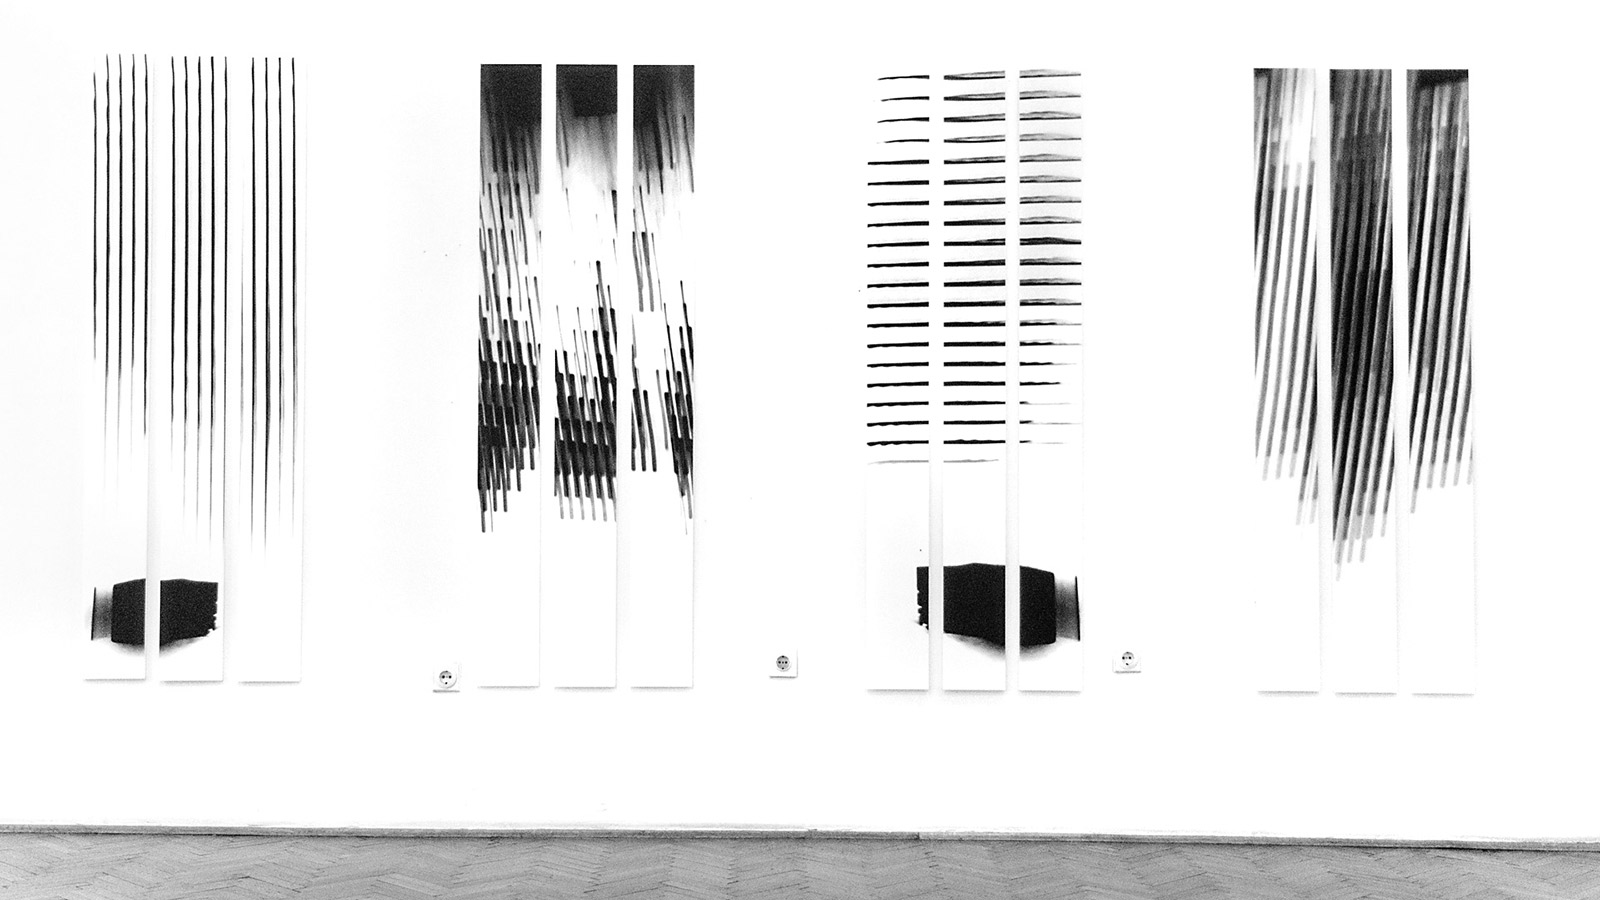 goran despotovski, rezonanta, digital print